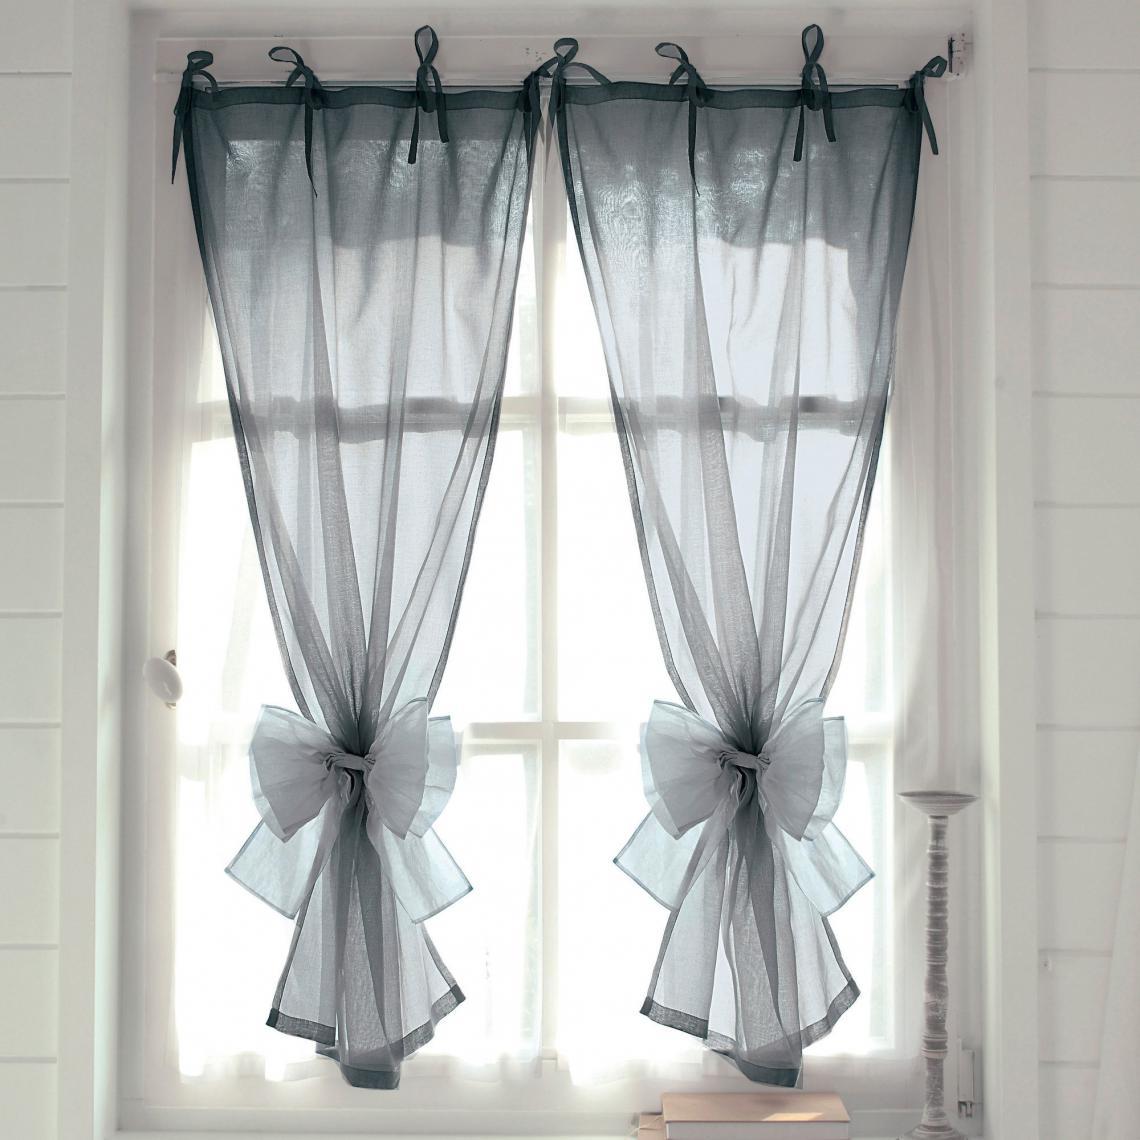 embrasse noeud organdi beige 3 suisses. Black Bedroom Furniture Sets. Home Design Ideas